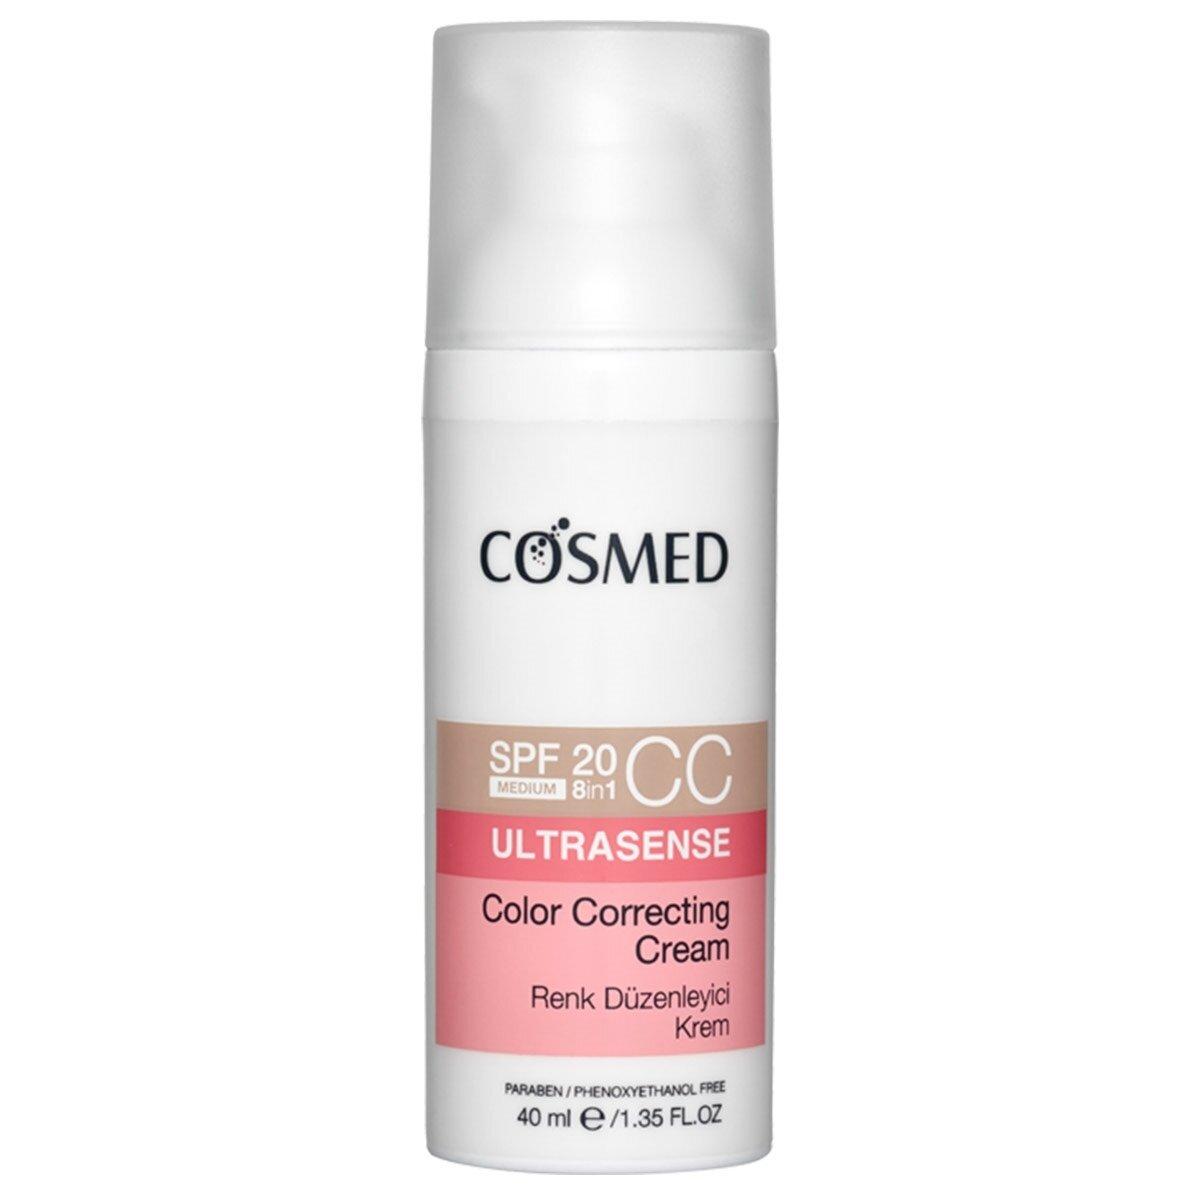 Ultrasense Renk Düzenleyici CC Krem Orta 40 ml